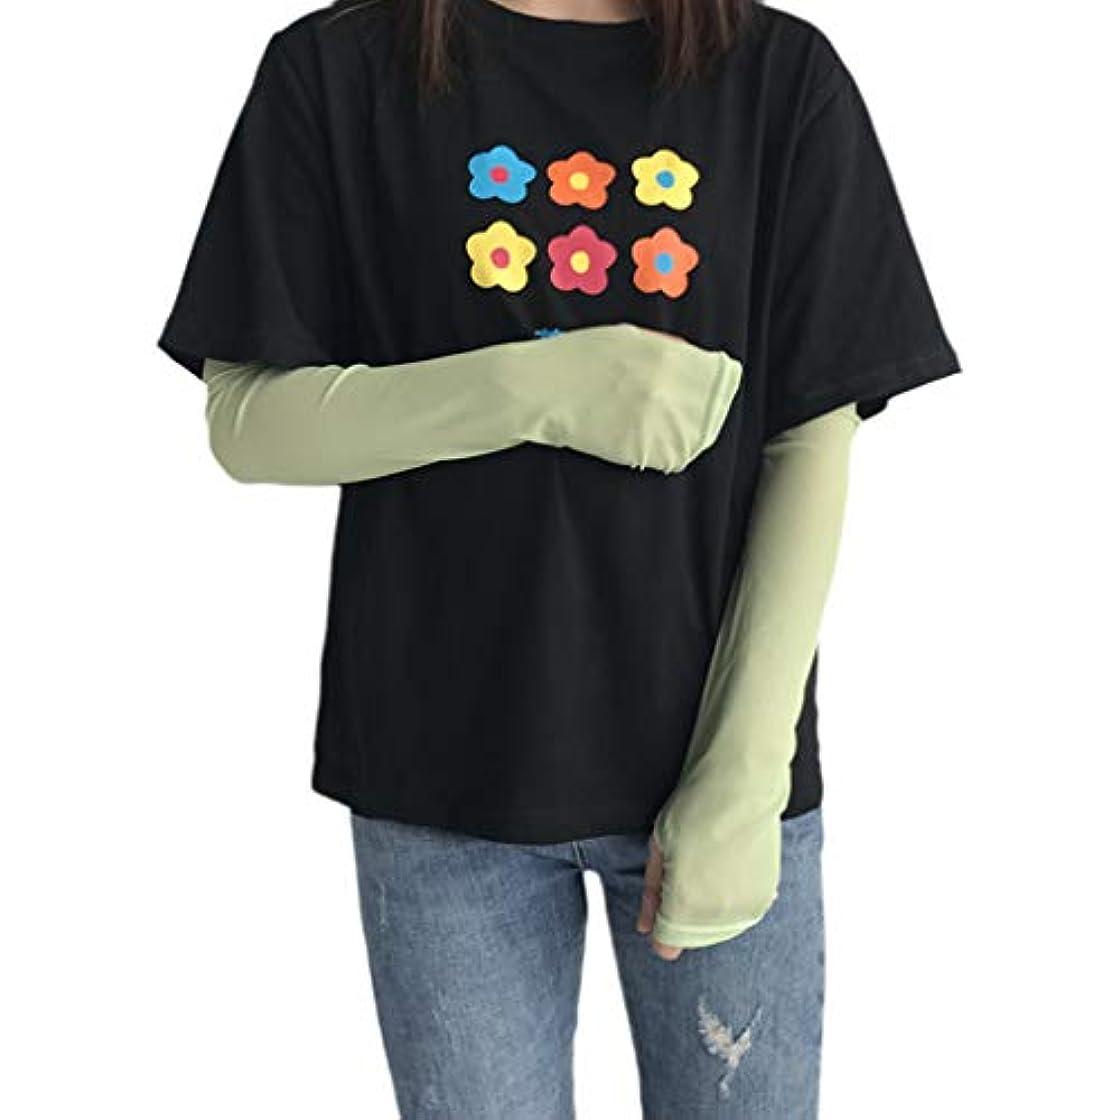 ありがたい残忍な凍ったManyao 女性の夏の冷却アームスリーブカバー甘い固体キャンディーカラー屋外サイクリング日焼け防止フィンガーレス手袋付き手袋